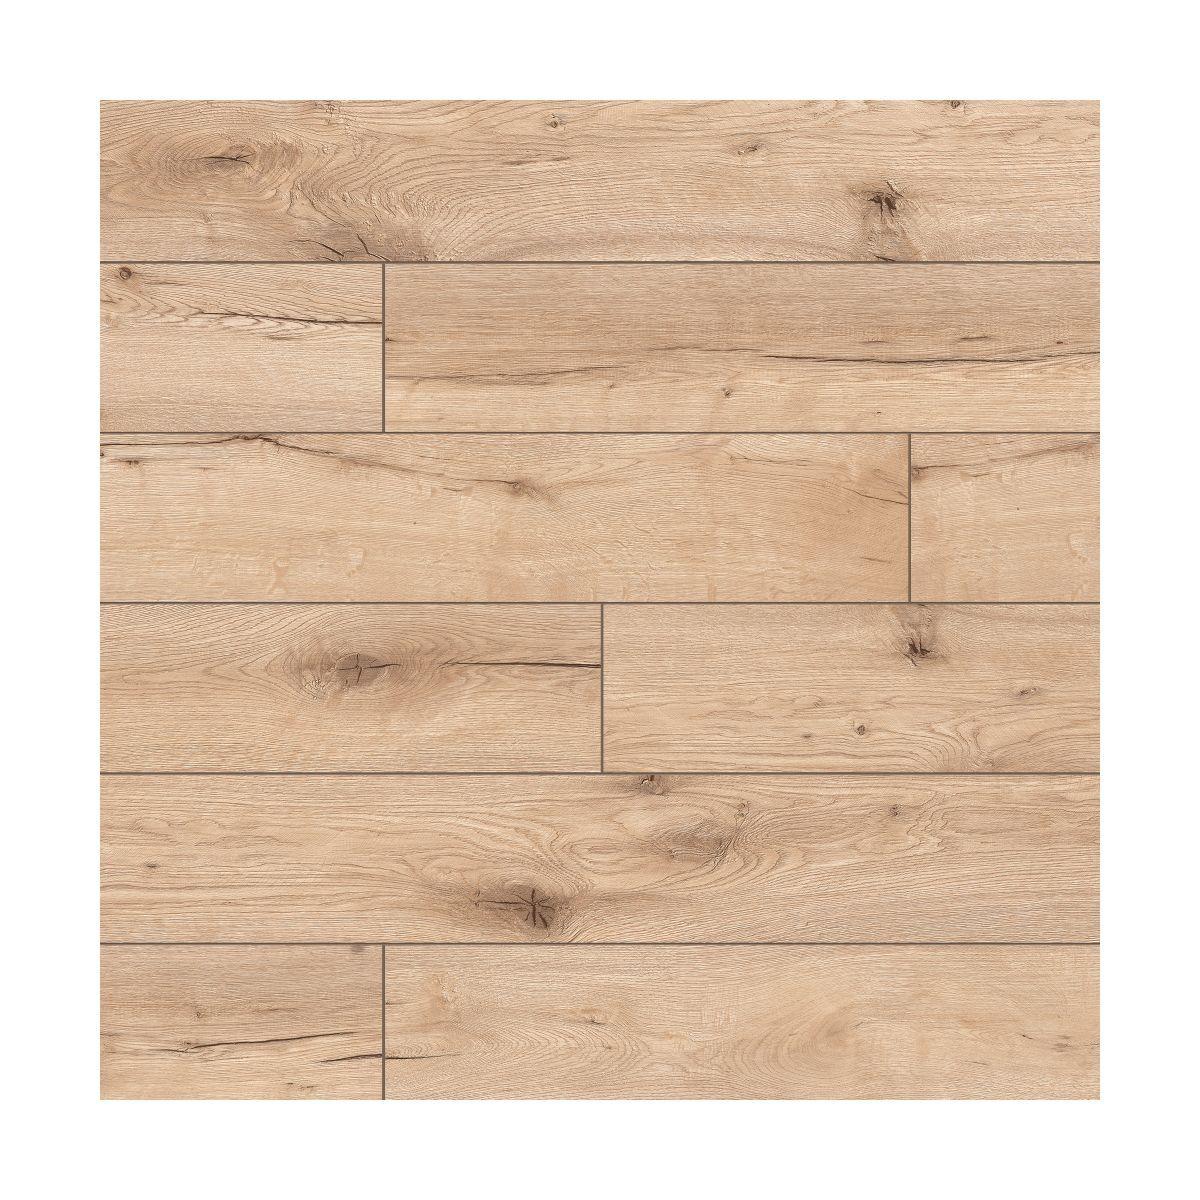 Panel Podlogowy Laminowany Dab Dayton Ac5 8 Mm Artens Panele Podlogowe Laminowane W Atrakcyjnej Cenie W Sklepach Leroy Me Flooring Hardwood Hardwood Floors